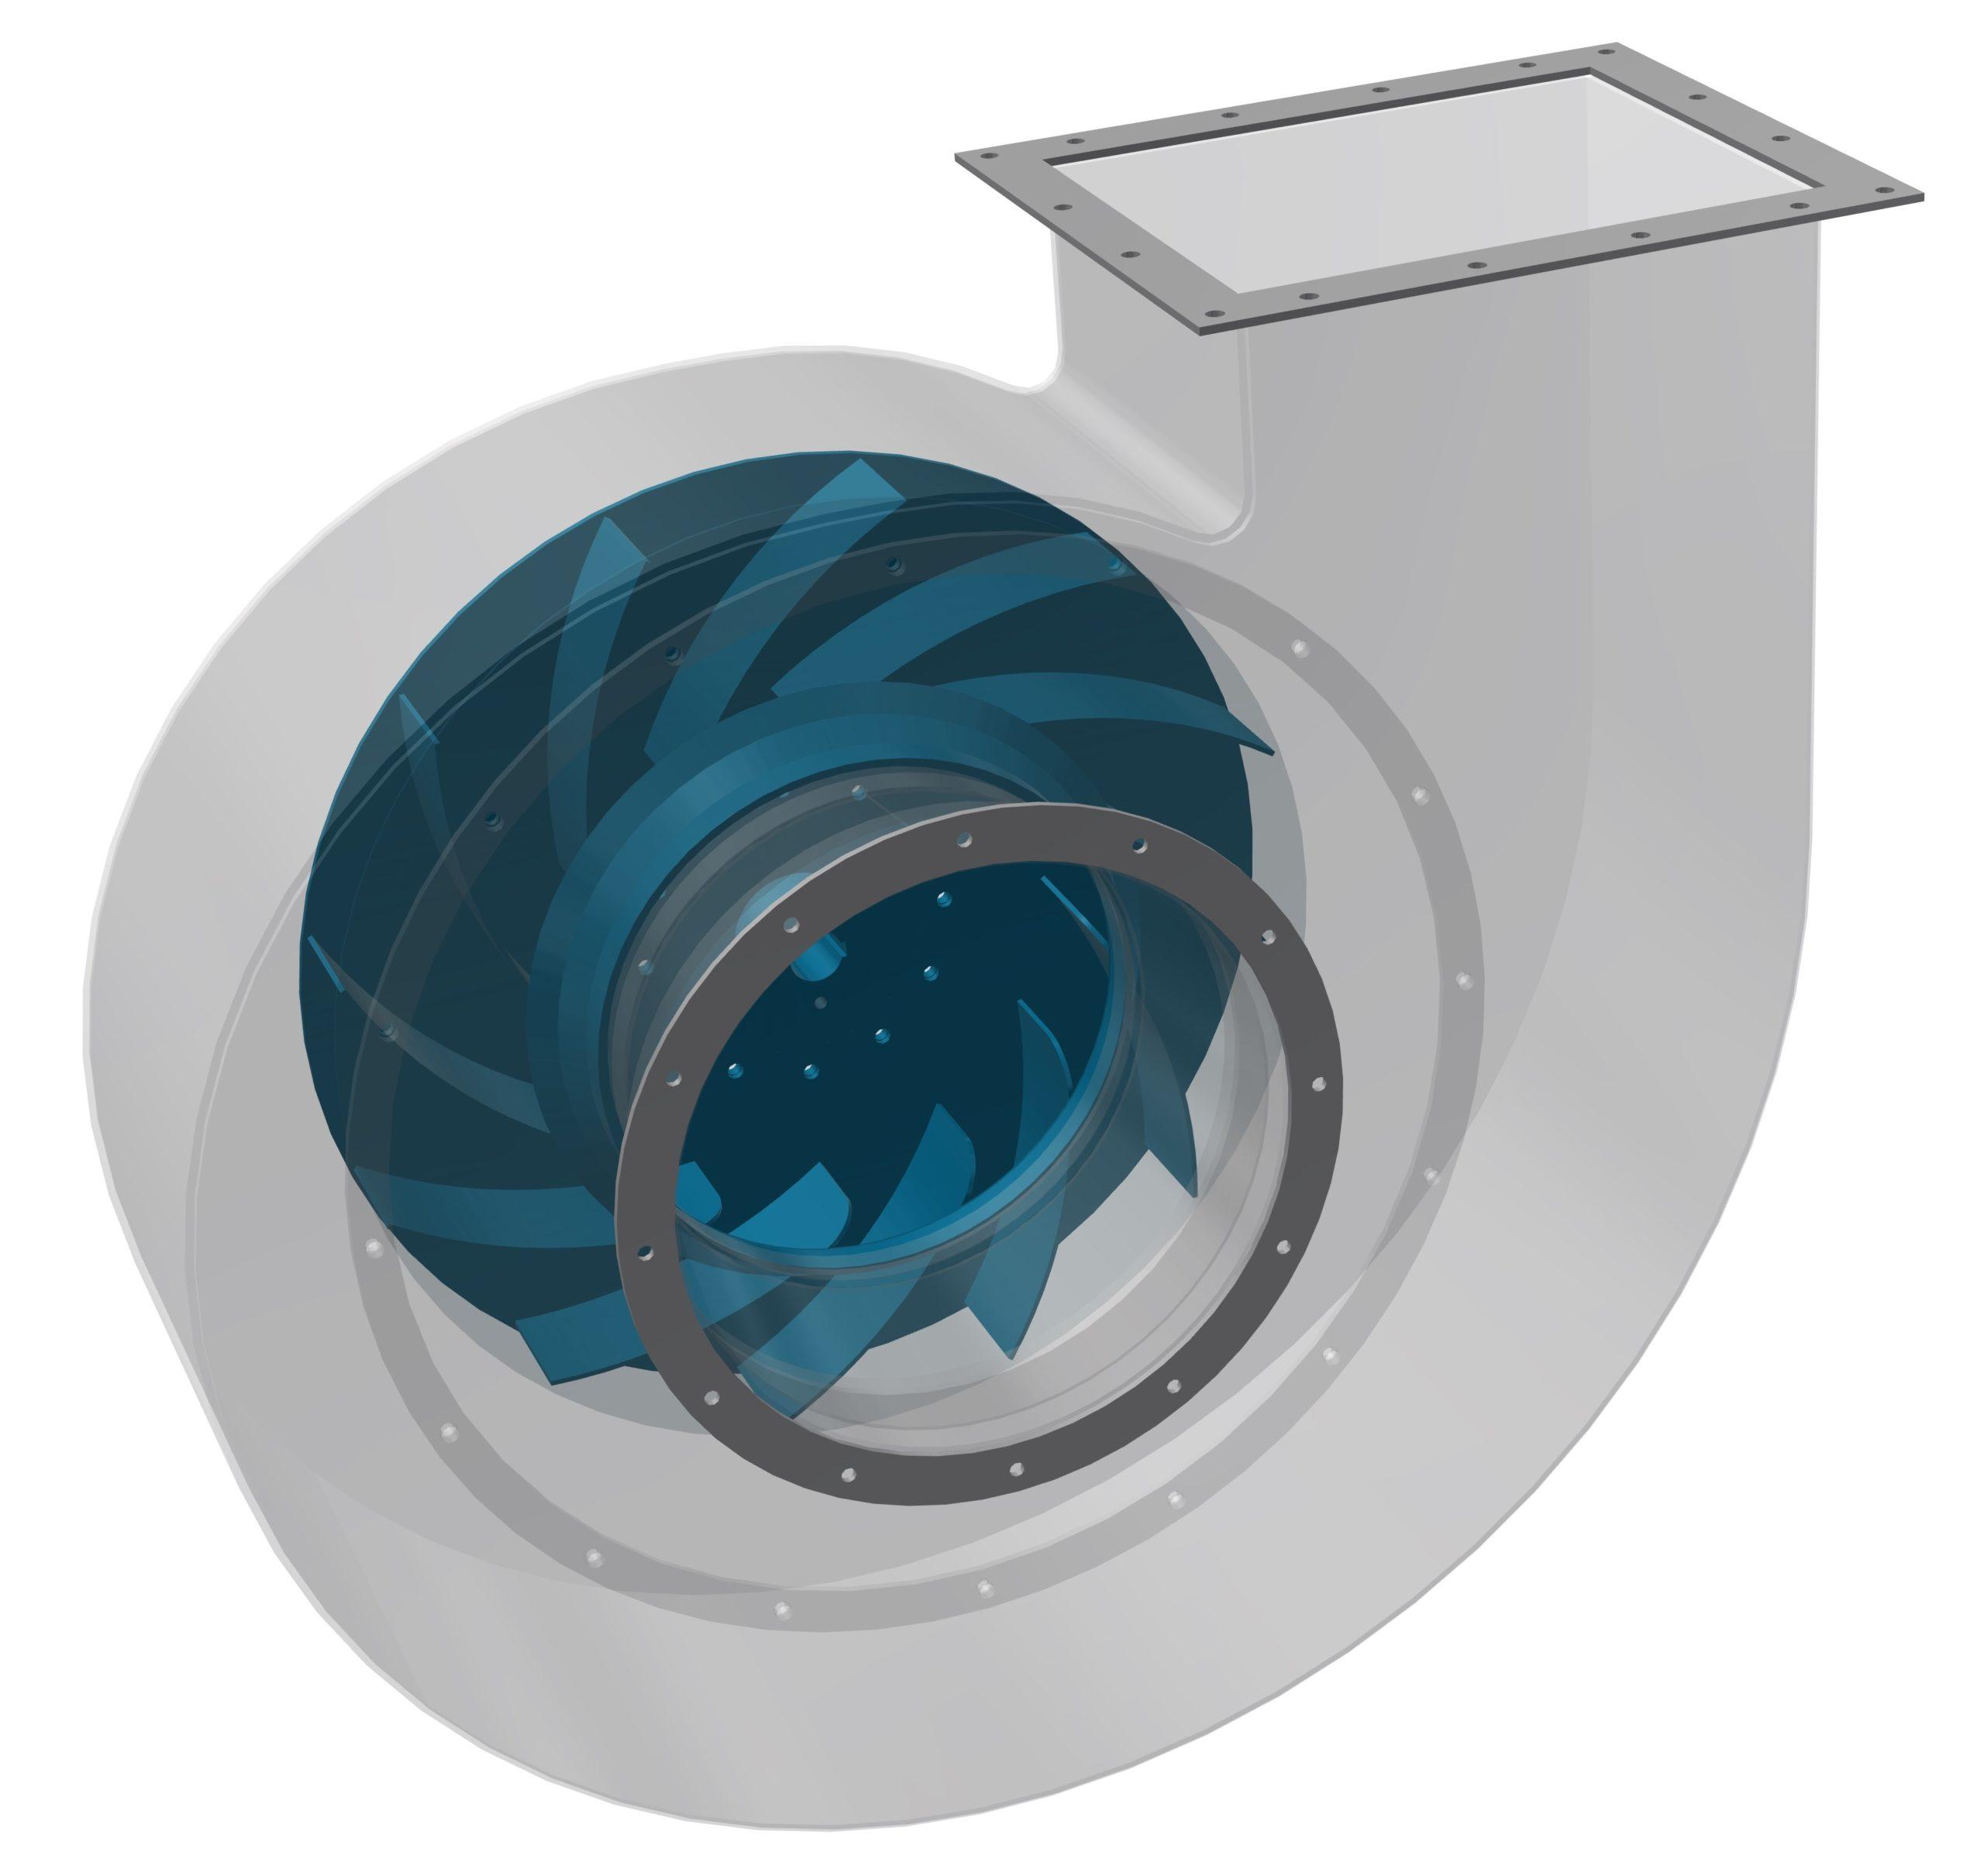 Obrázek radiálního ventilátoru